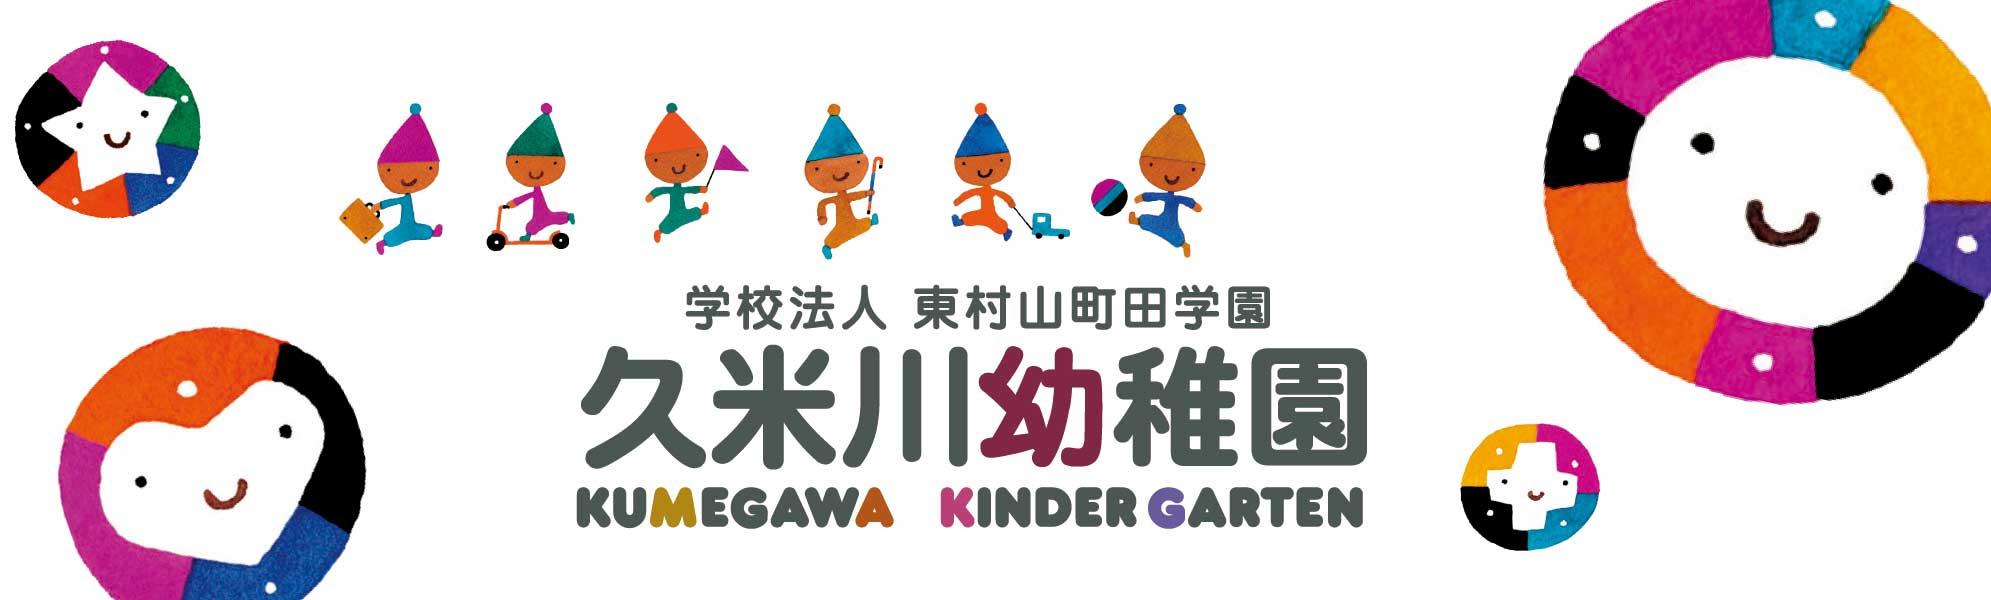 学校法人東村山町田学園久米川幼稚園